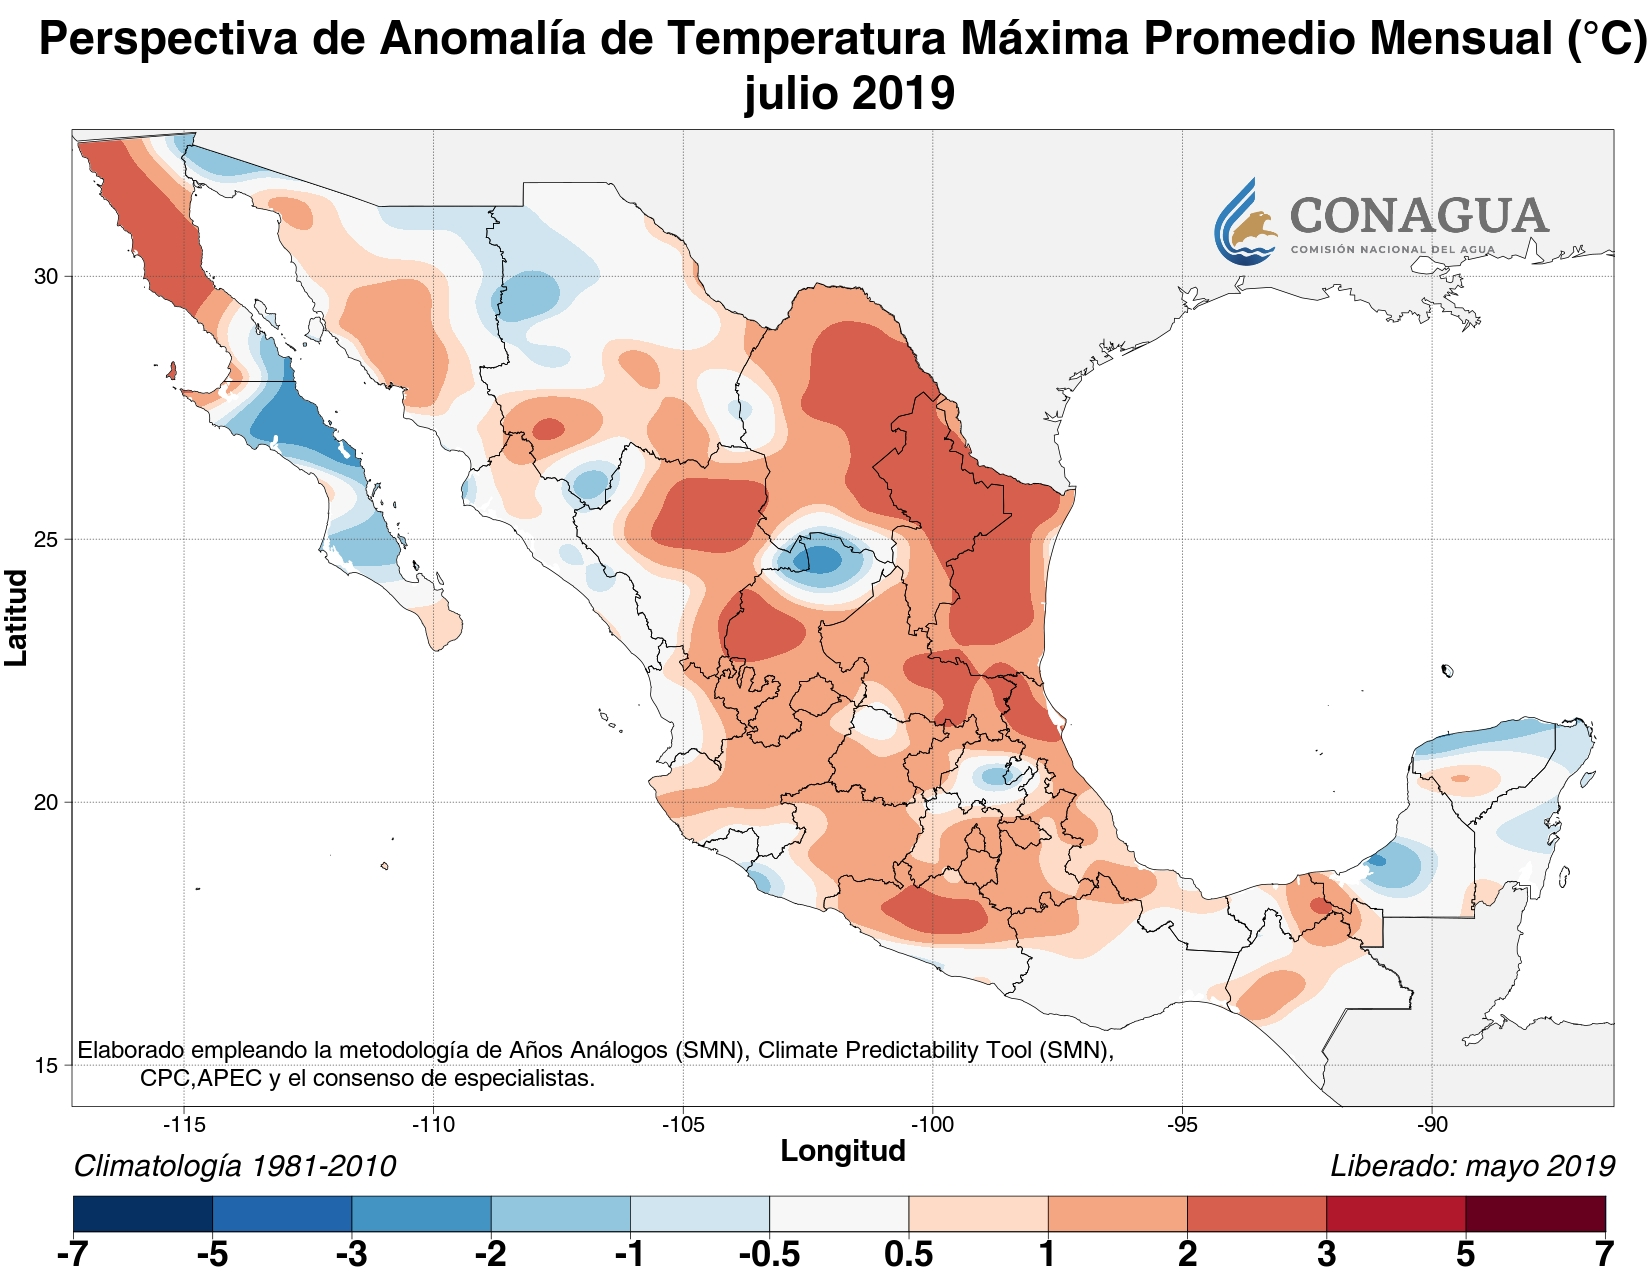 mexicoanomaliaTjulio19 ART 133: EL TIEMPO EN MÉXICO: TEMPORADA DE LLUVIAS 2019